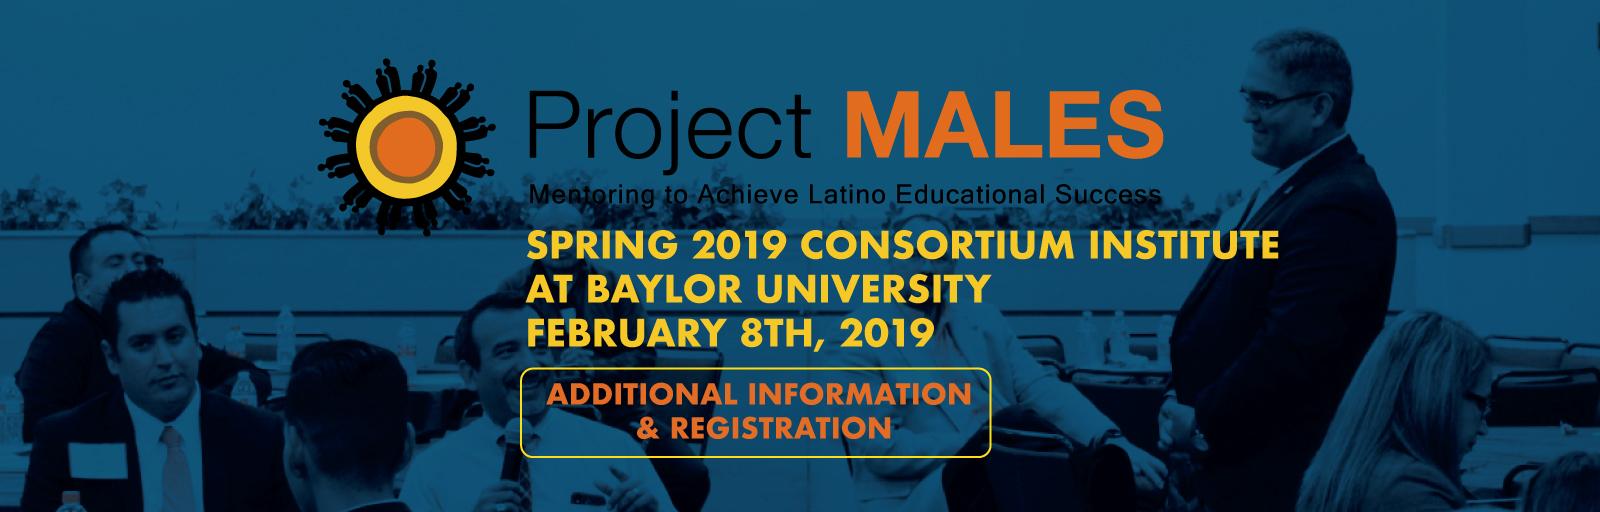 Project MALES Consurtium